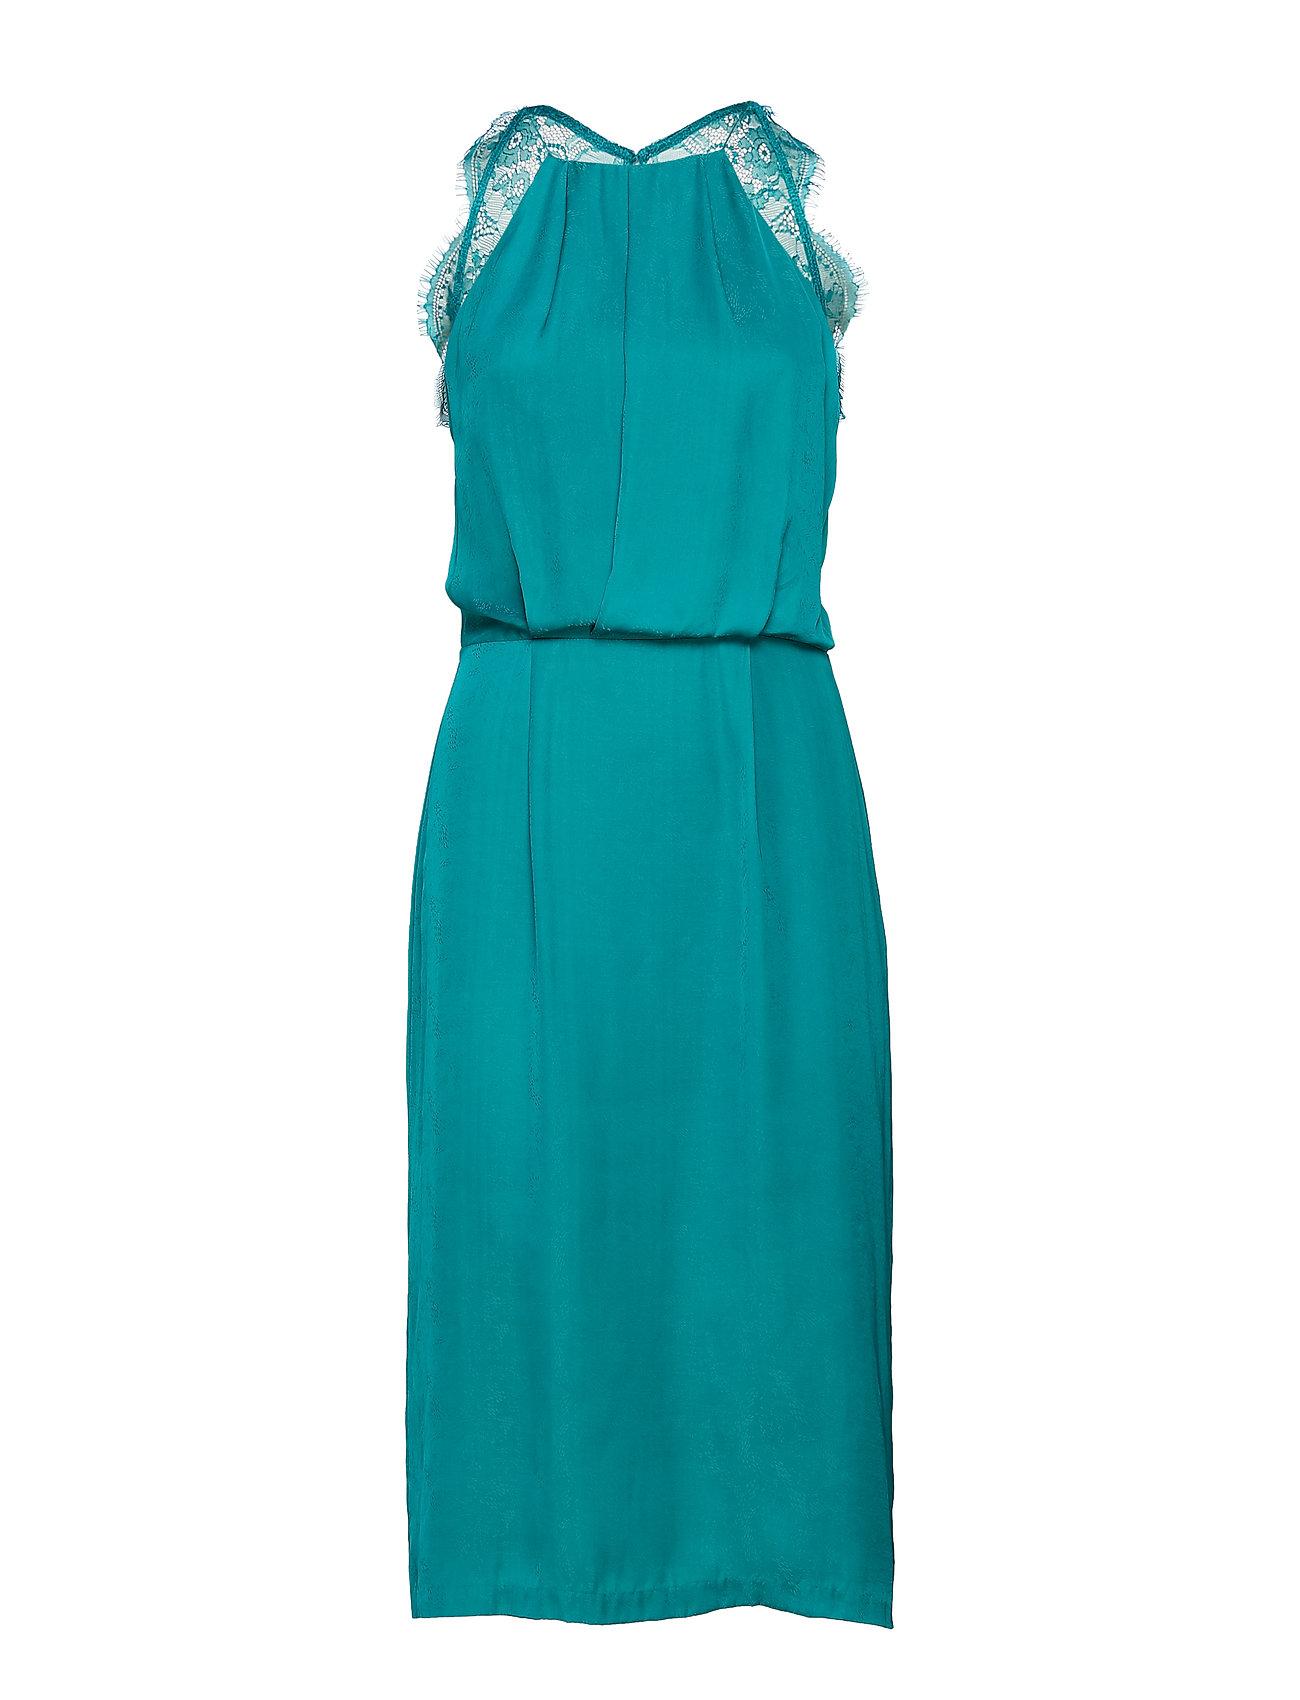 Ml GreenSamsøeamp; 10793quetzal GreenSamsøeamp; Dress Willow Willow Willow Ml Dress Dress 10793quetzal Ml FJcTl1K